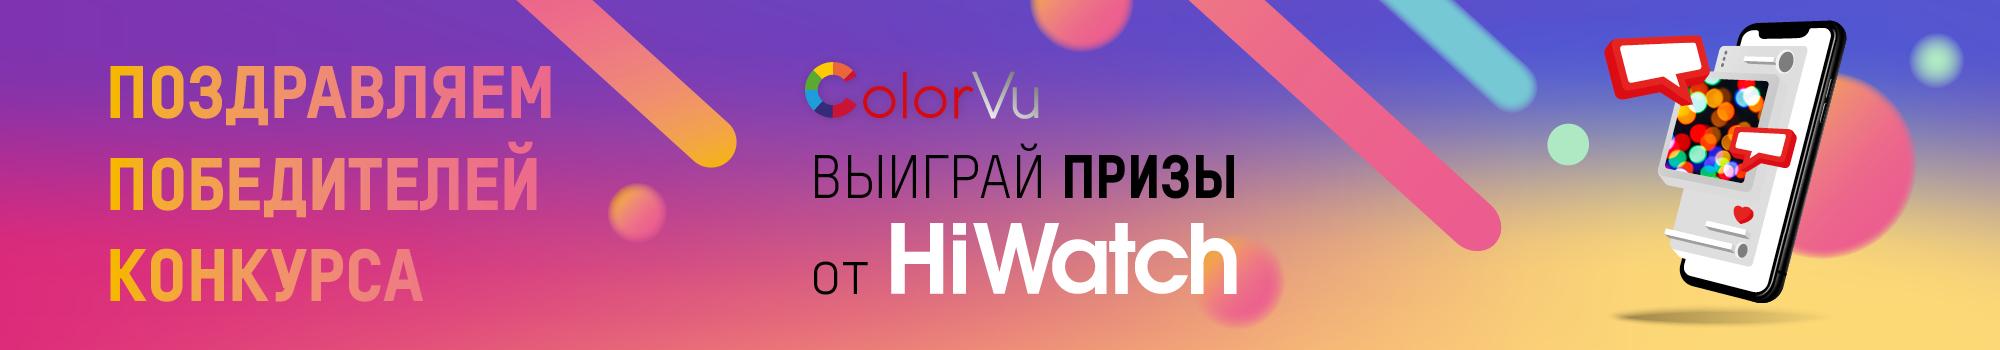 web_colorvu_award2